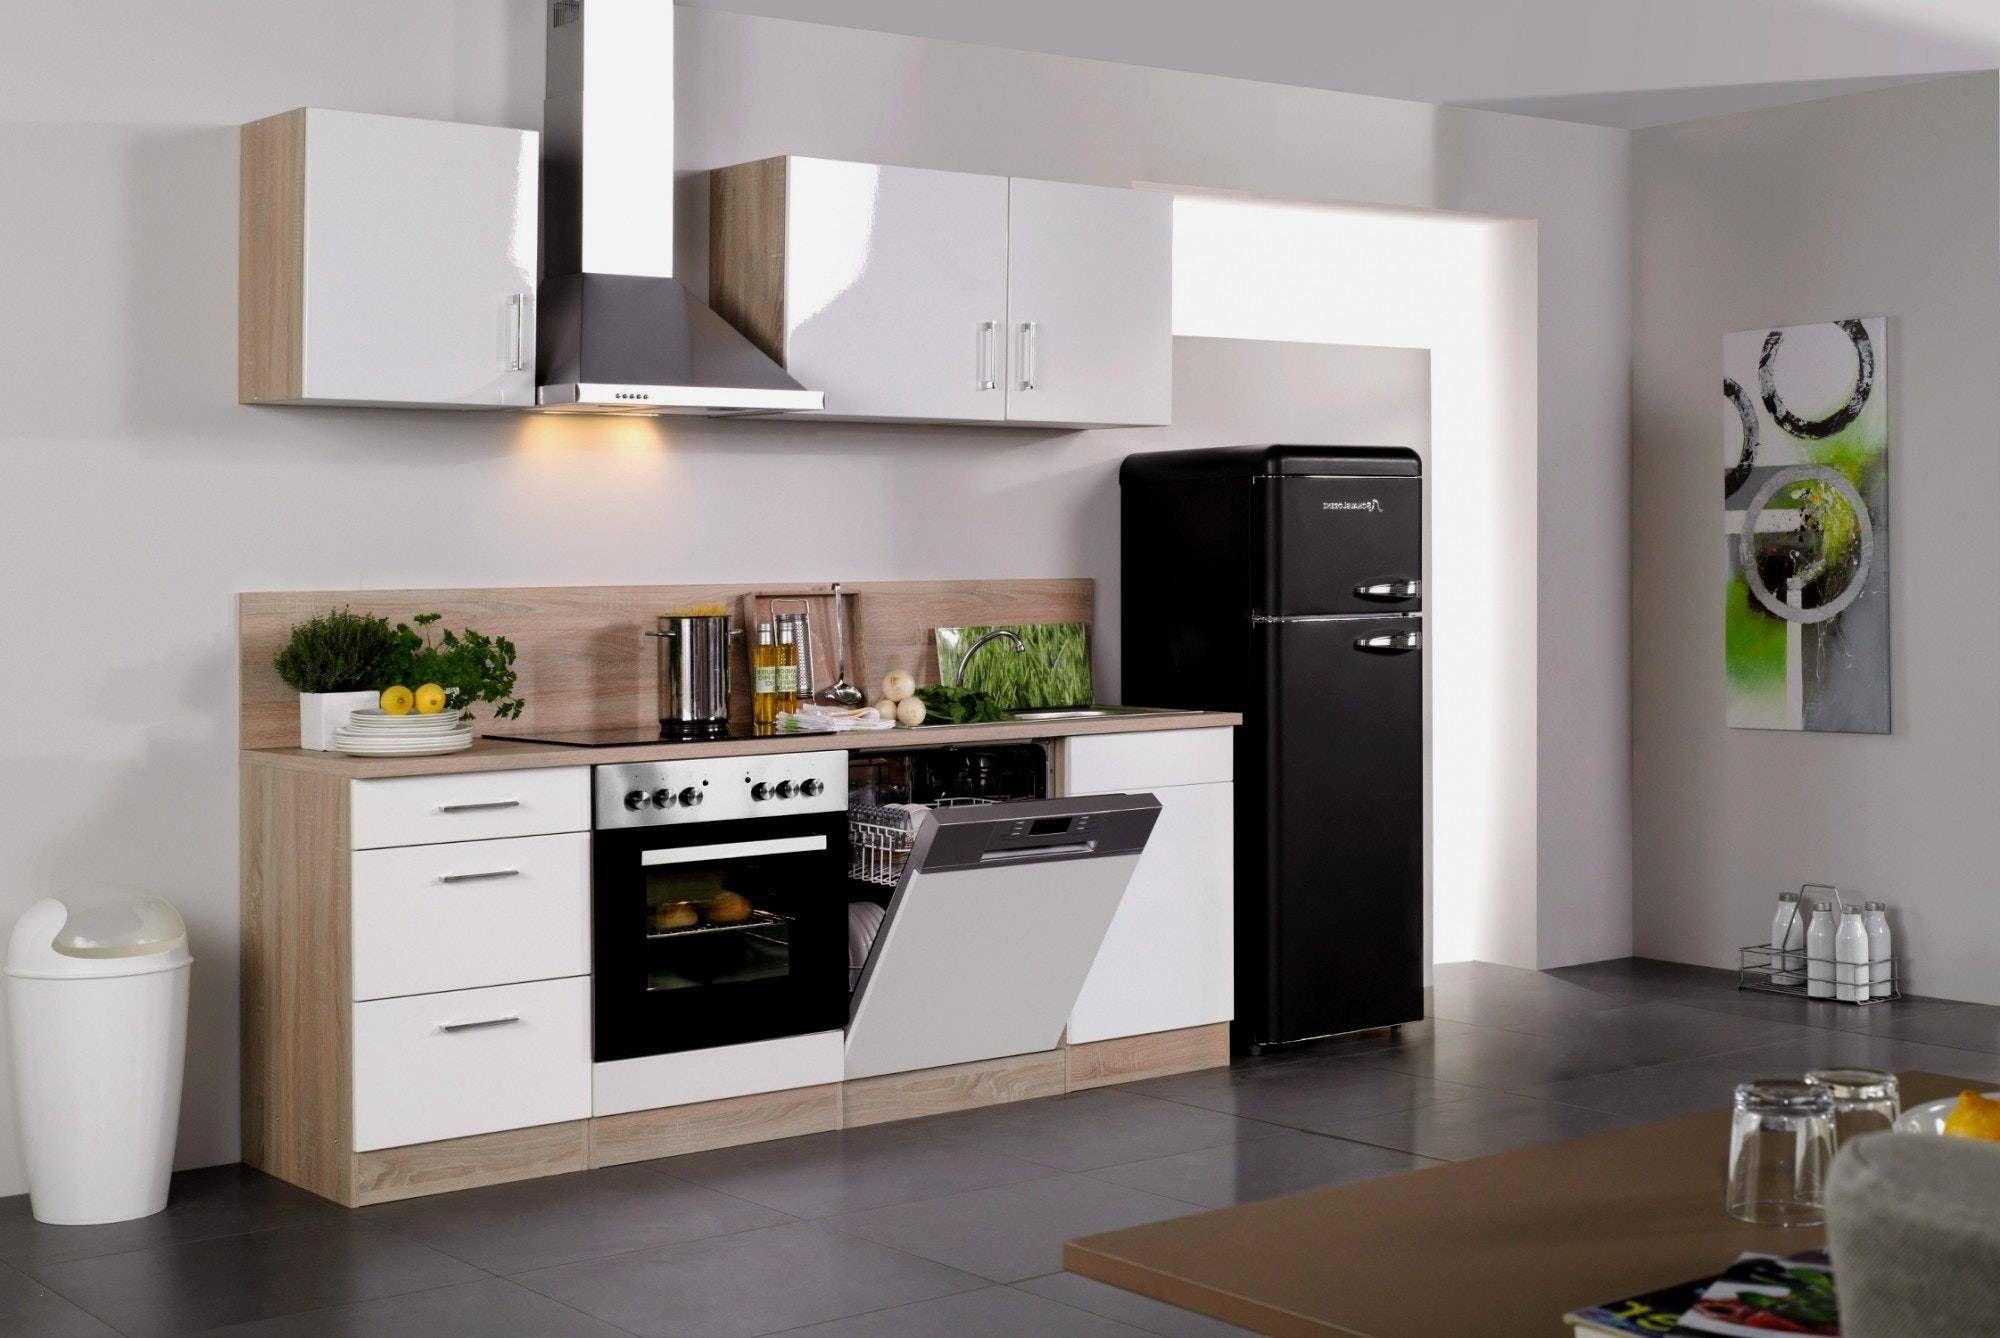 Küche Elektrogeräte Test | Ikea Kuchenschranke Kuechenzeile Mit ...